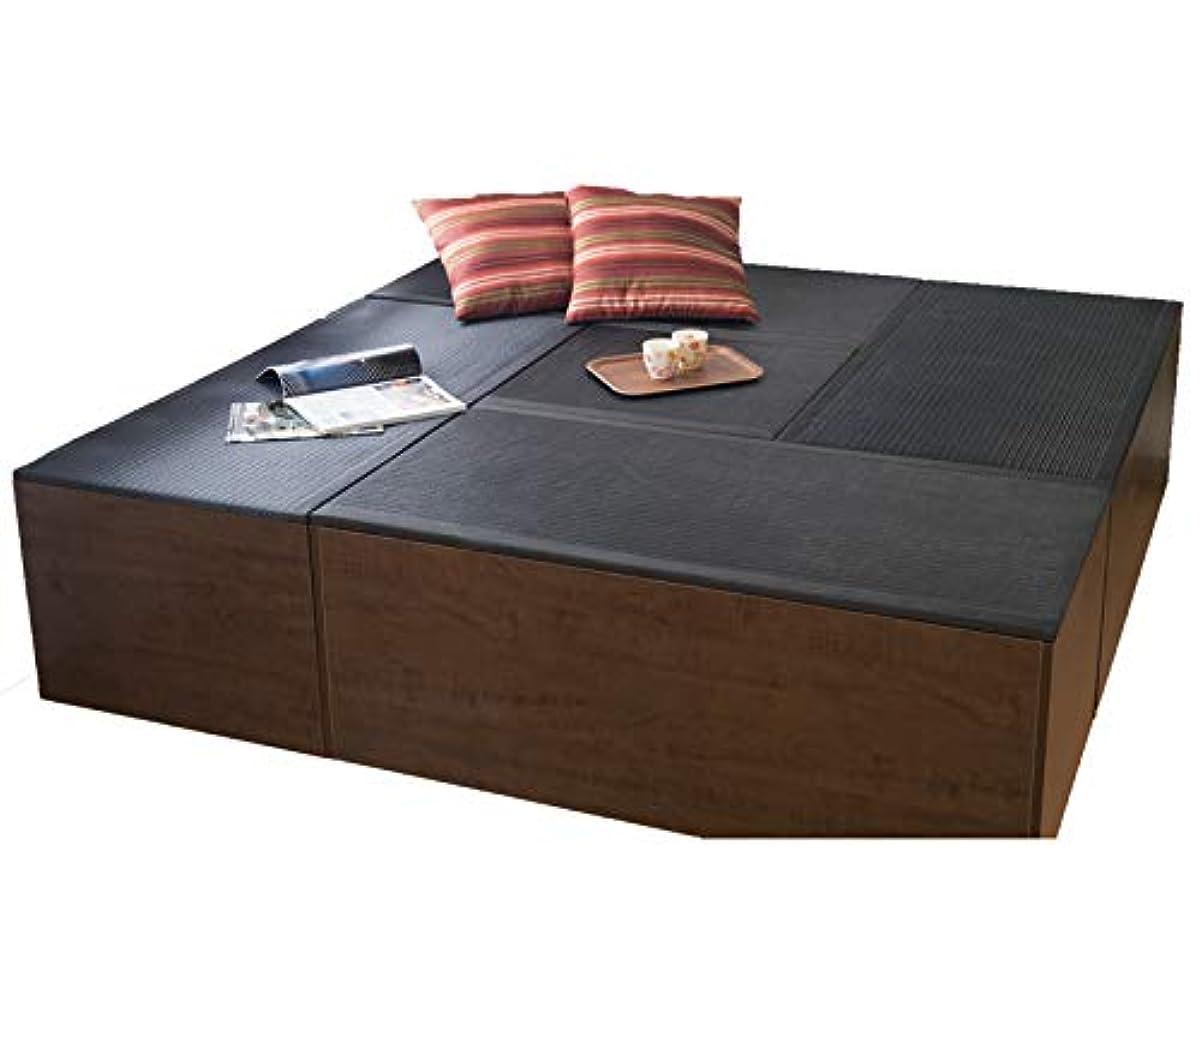 ファーザーファージュ小切手振る舞い樹脂畳ユニット「aセット」 ?ハイタイプ?ブラック、オレンジカラー (60cm×1台PP-H60,120cm×4台PP-H120) PP-HA-BK-OR 2色有 セットがお得!特別 特価 樹脂 和モダン 収納 ボックス (ブラック)